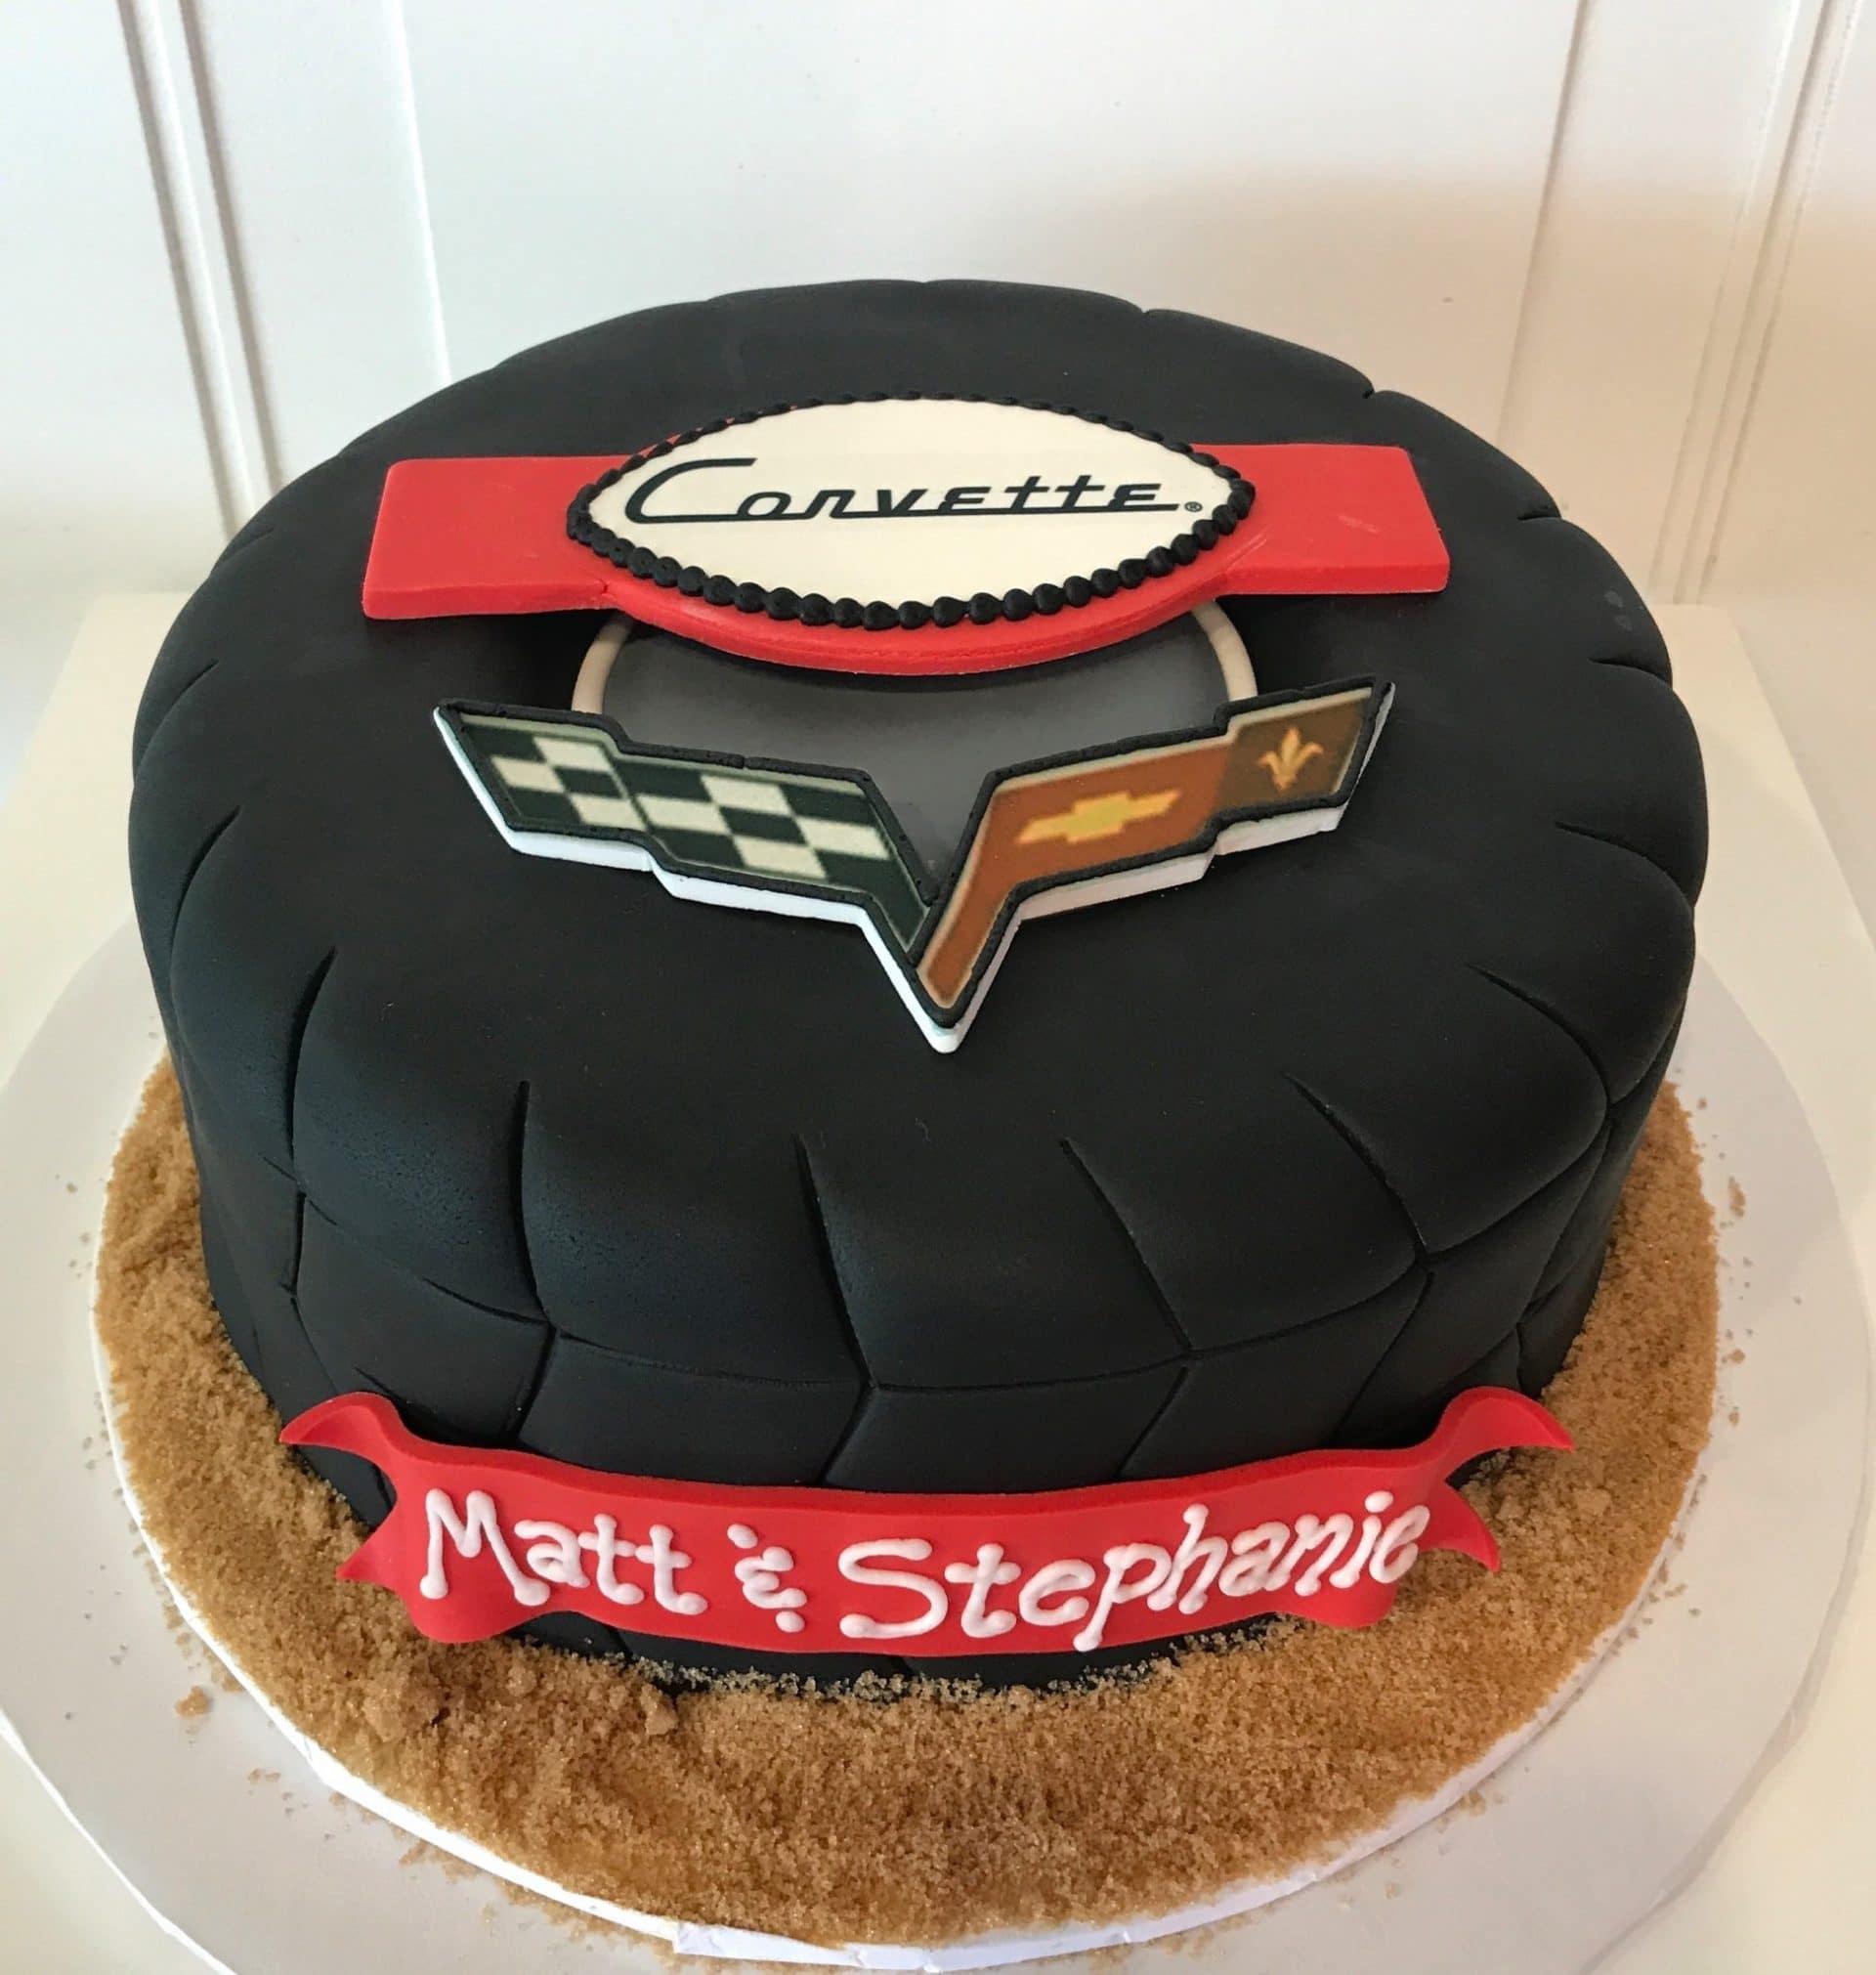 Corvette Tire Groom's Cake | 3 Sweet Girls Cakery